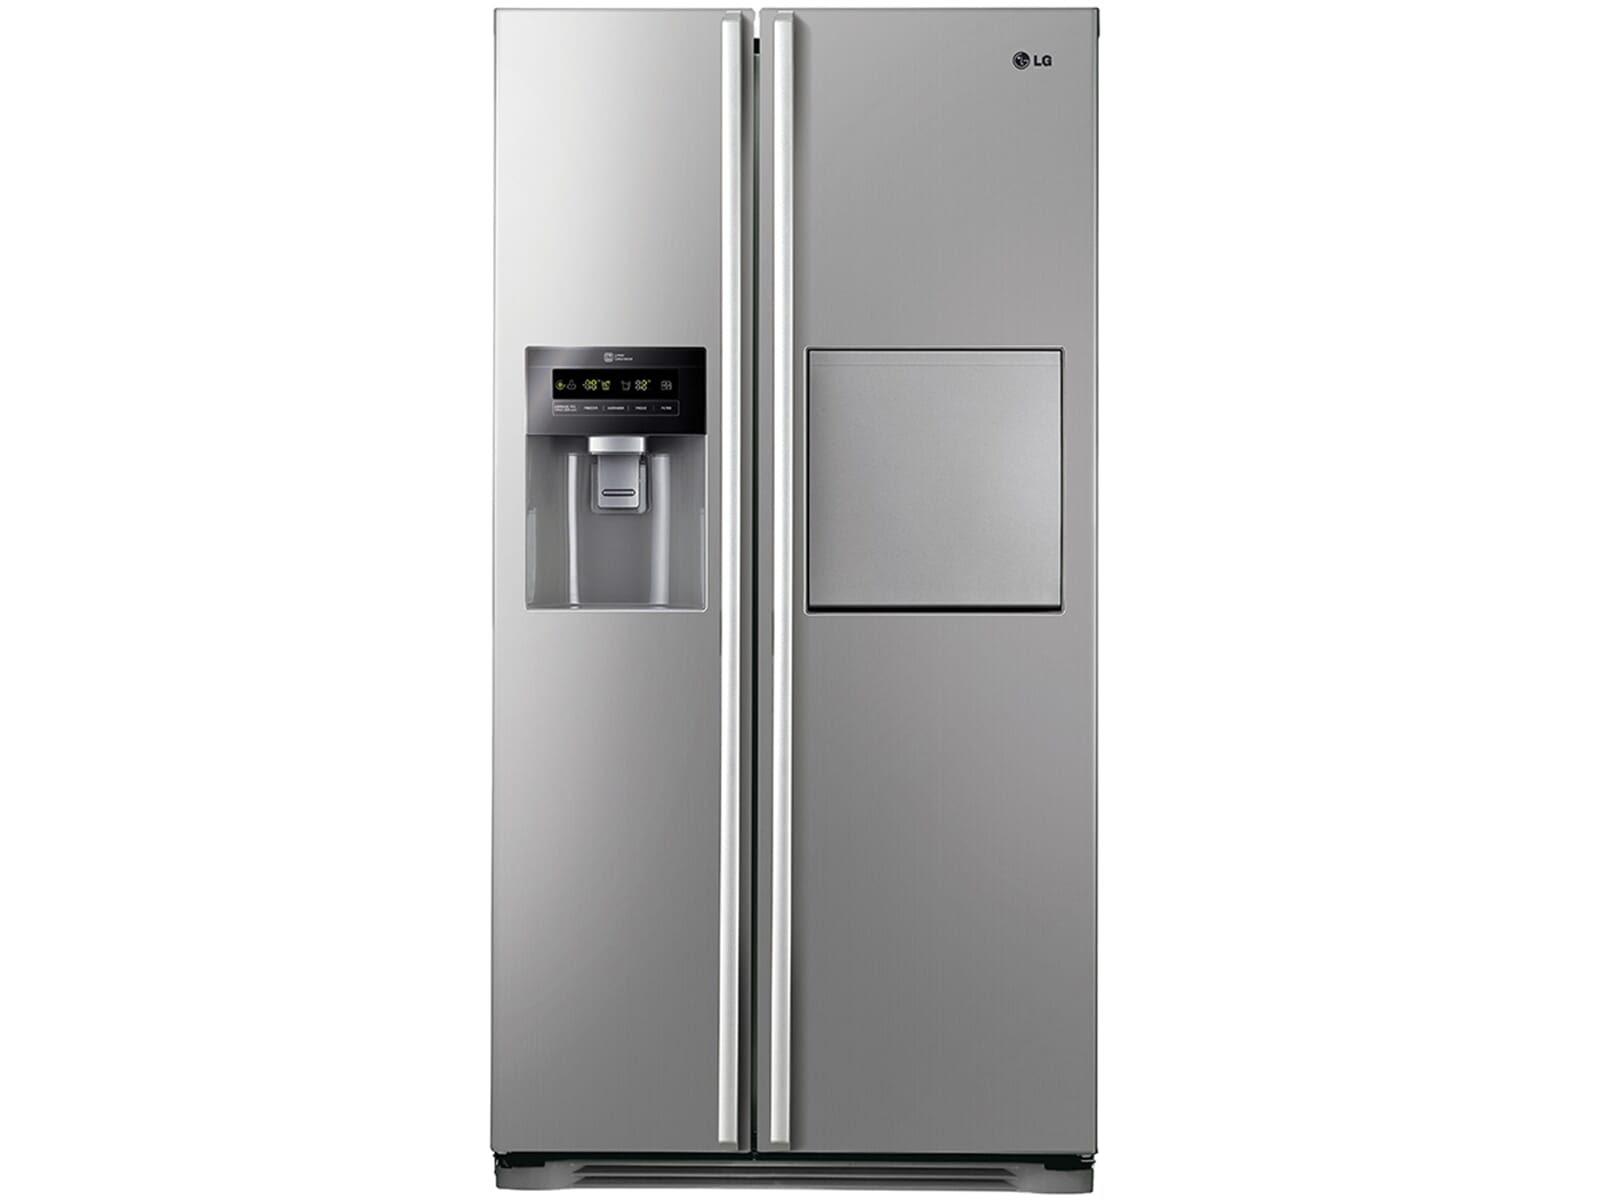 Gorenje Kühlschrank Schalter Funktion : Bosch kühlschrank temperatur blinkt gorenje kühl gefrier